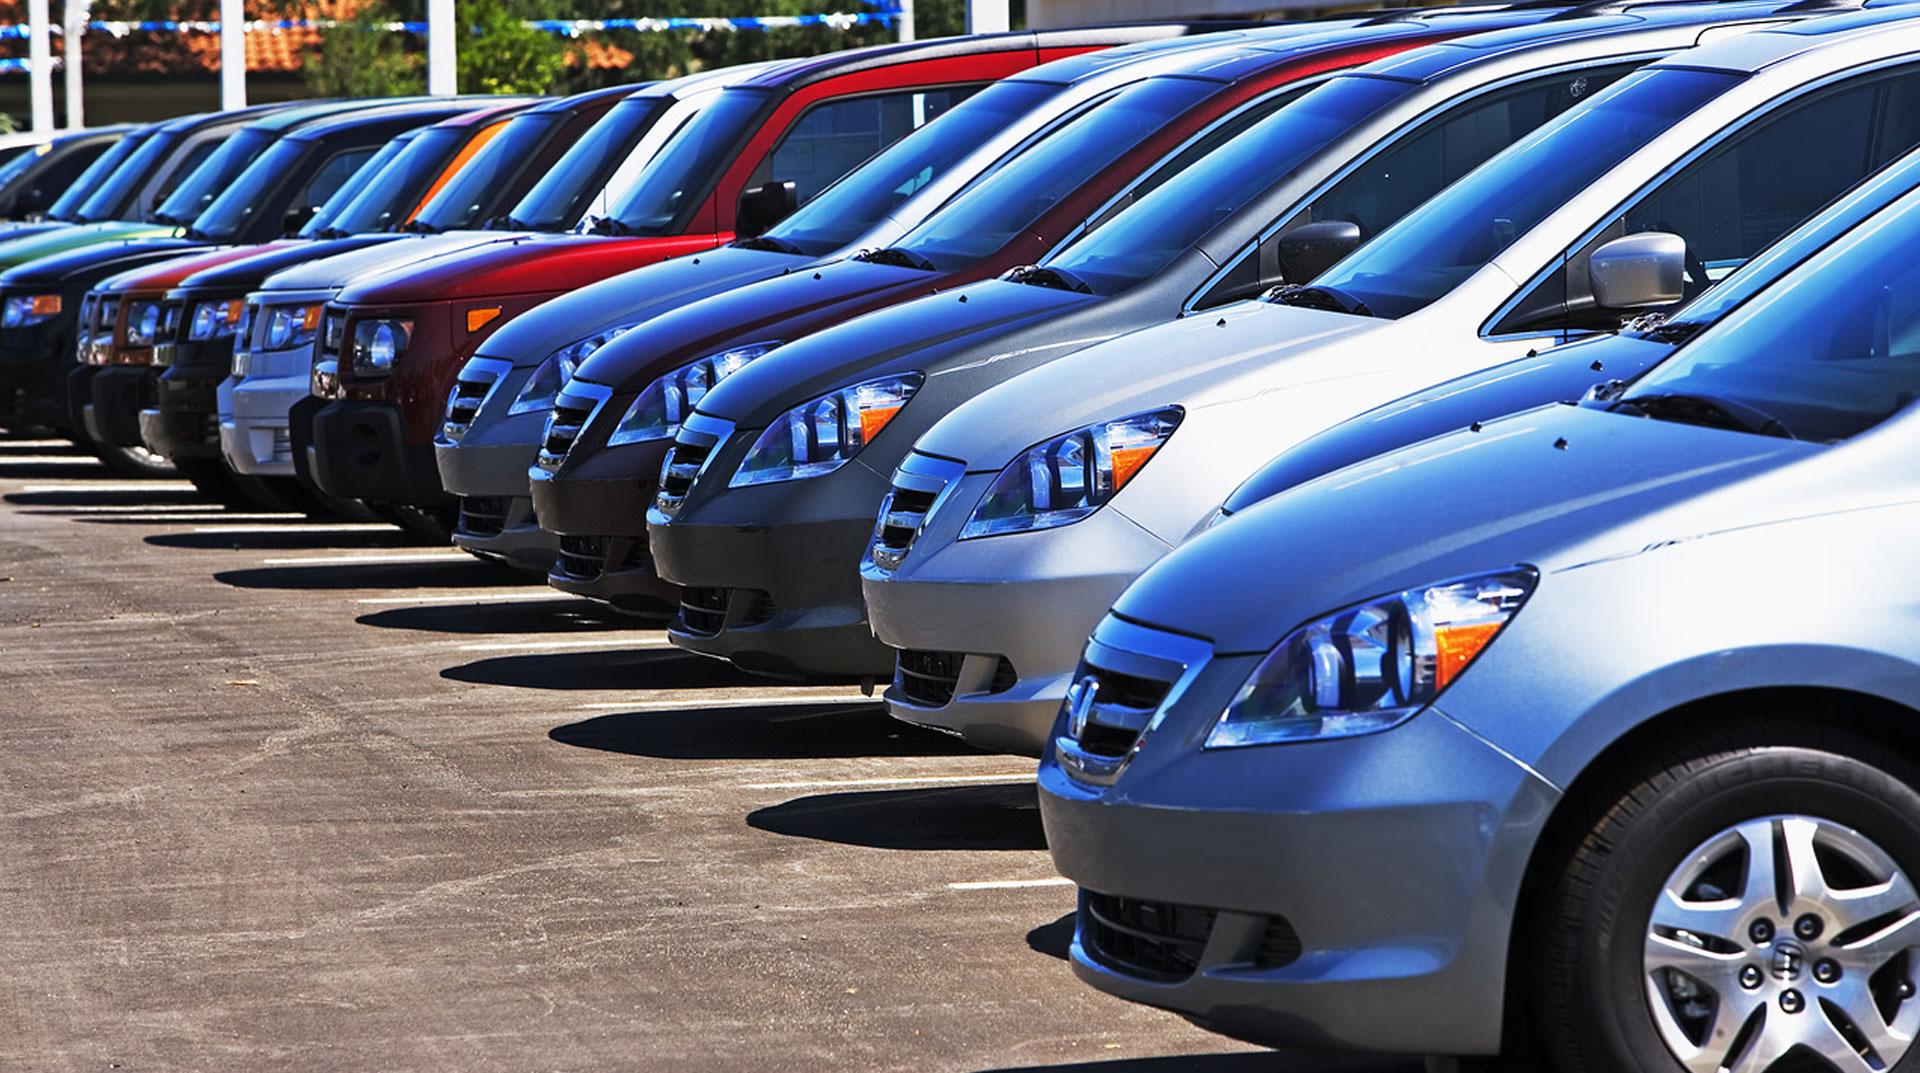 Otomobil Satışı Temmuzda Geçen Yıla Göre Üç Buçuk Kat Arttı